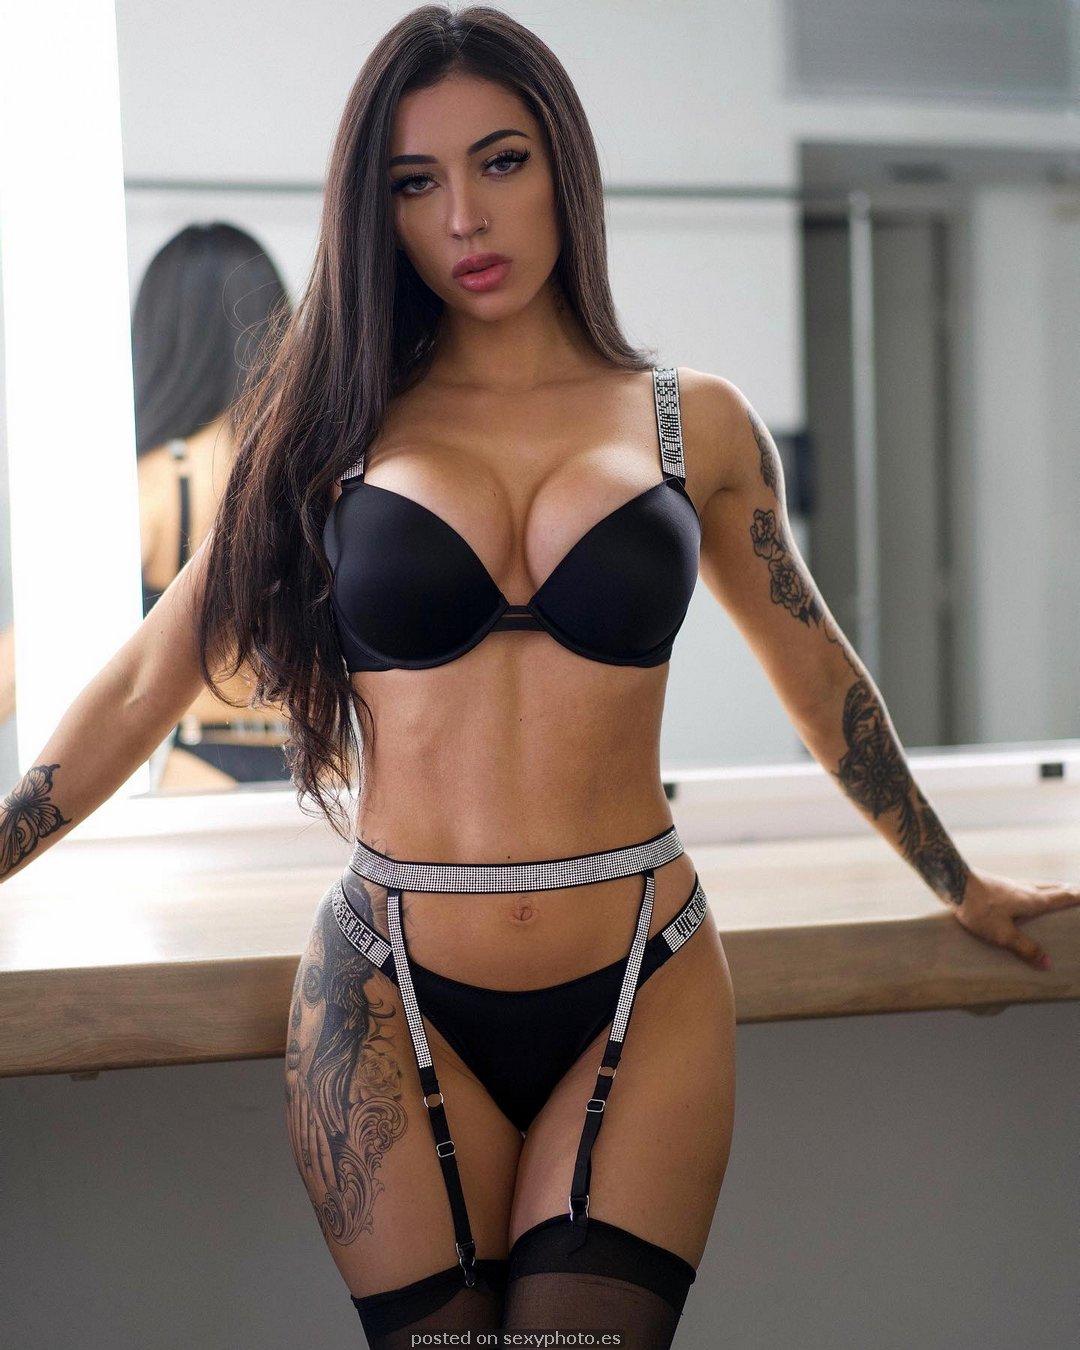 bianca taylor ass, bianca taylor influencer bikini, bianca taylor celebrity nipples_4